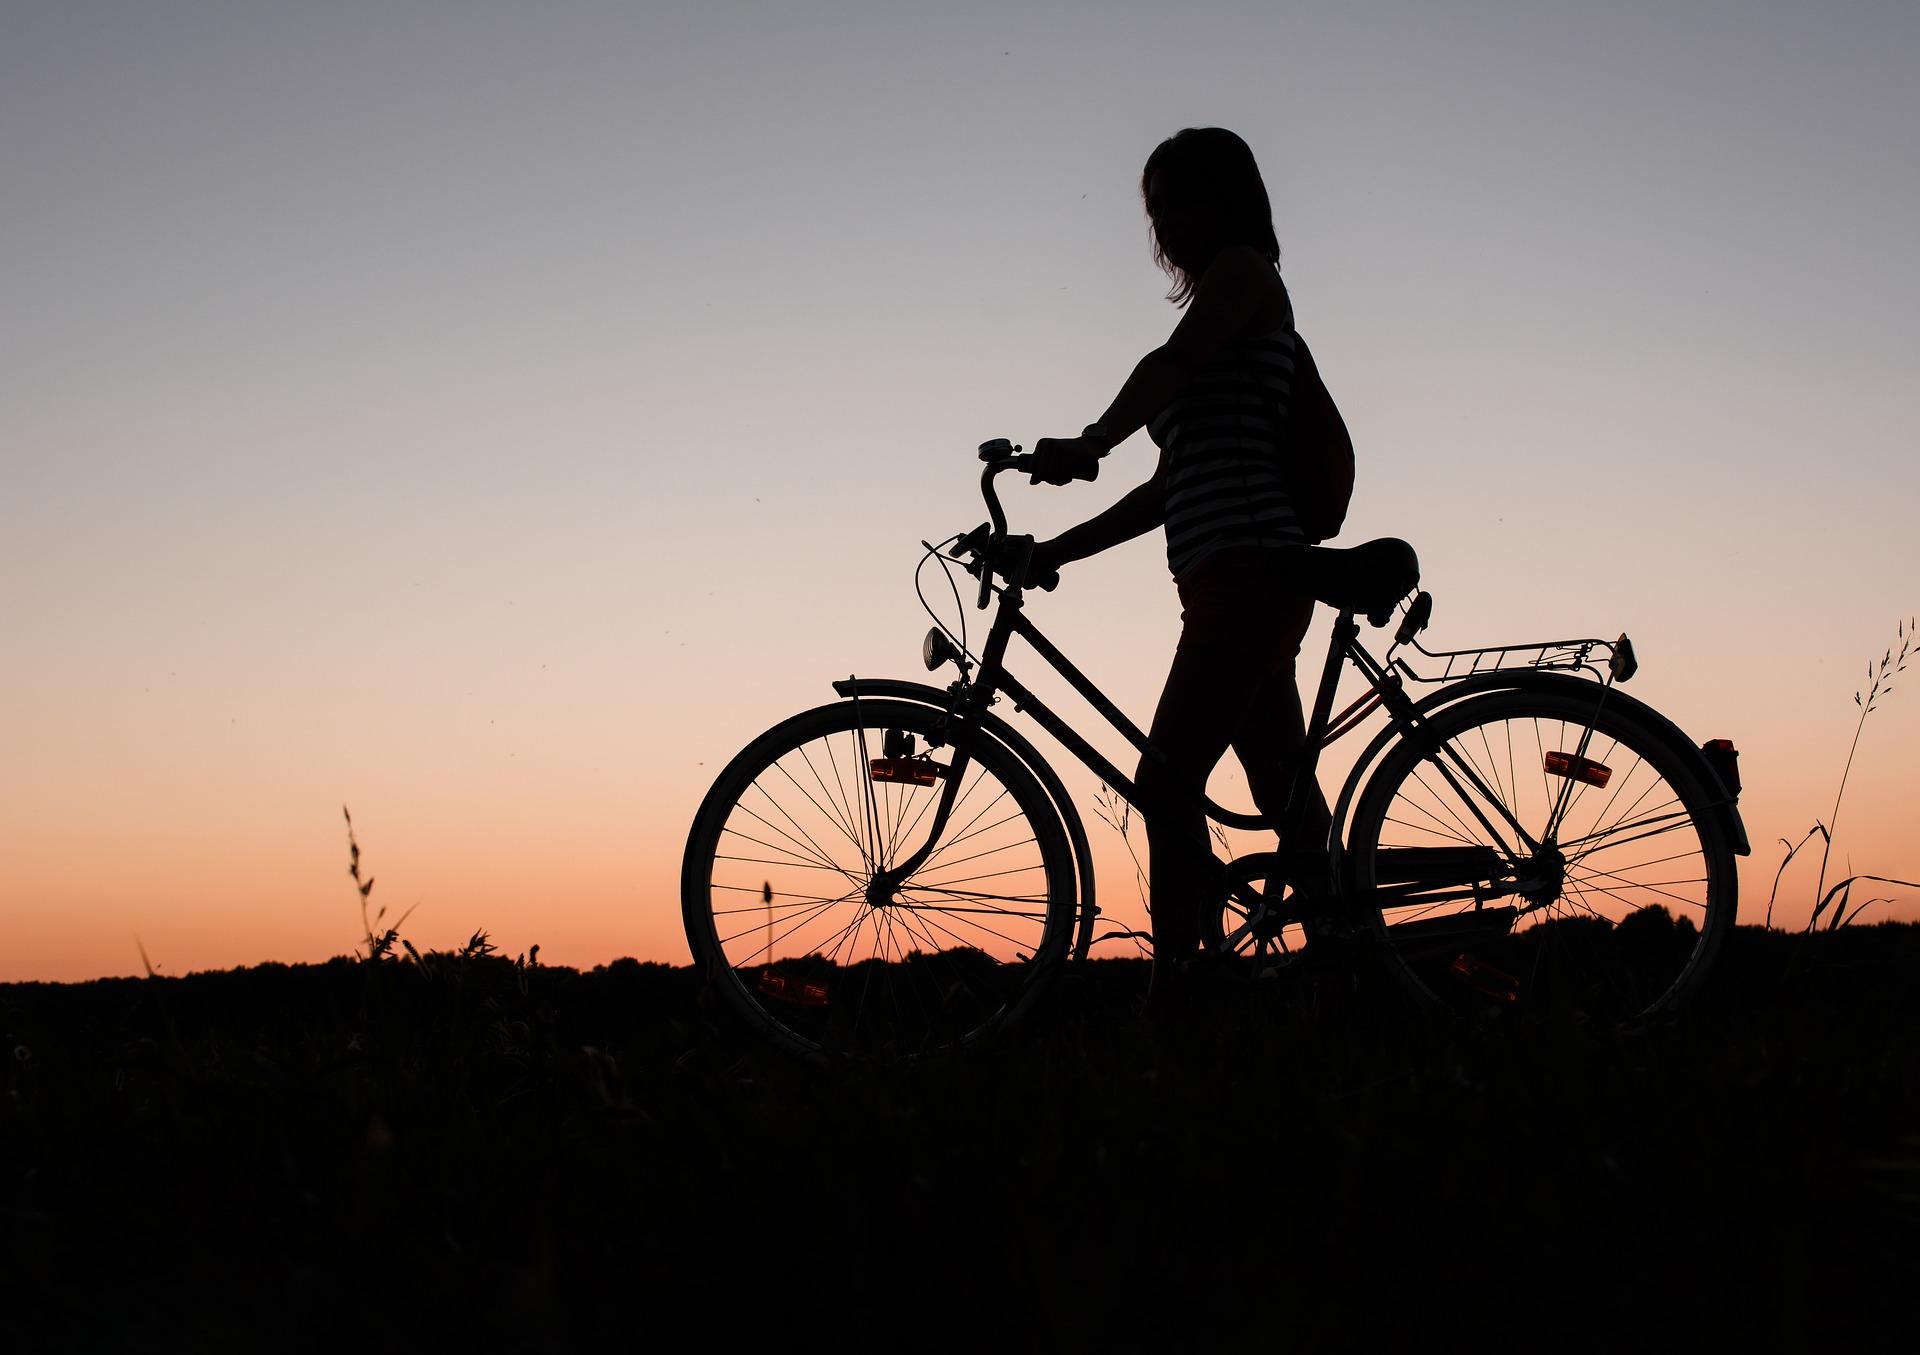 תאונת אופניים חשמליים: כל מה שצריך לדעת אחרי – וגם לפני